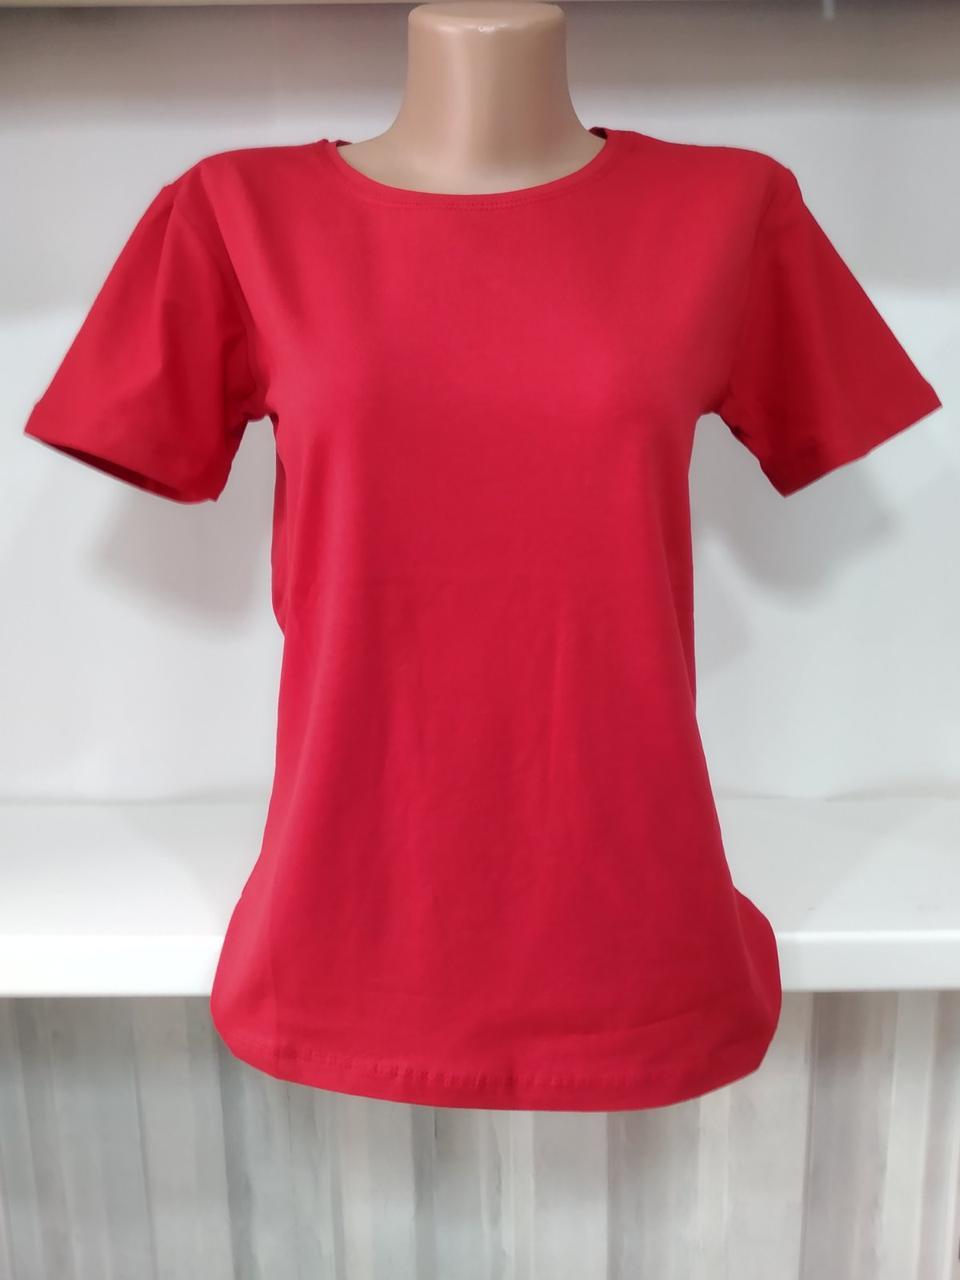 Футболка женская на лето ТУРЦИЯ однотонка размер 46,48  микс цвета красный,белый,чёрный,серый